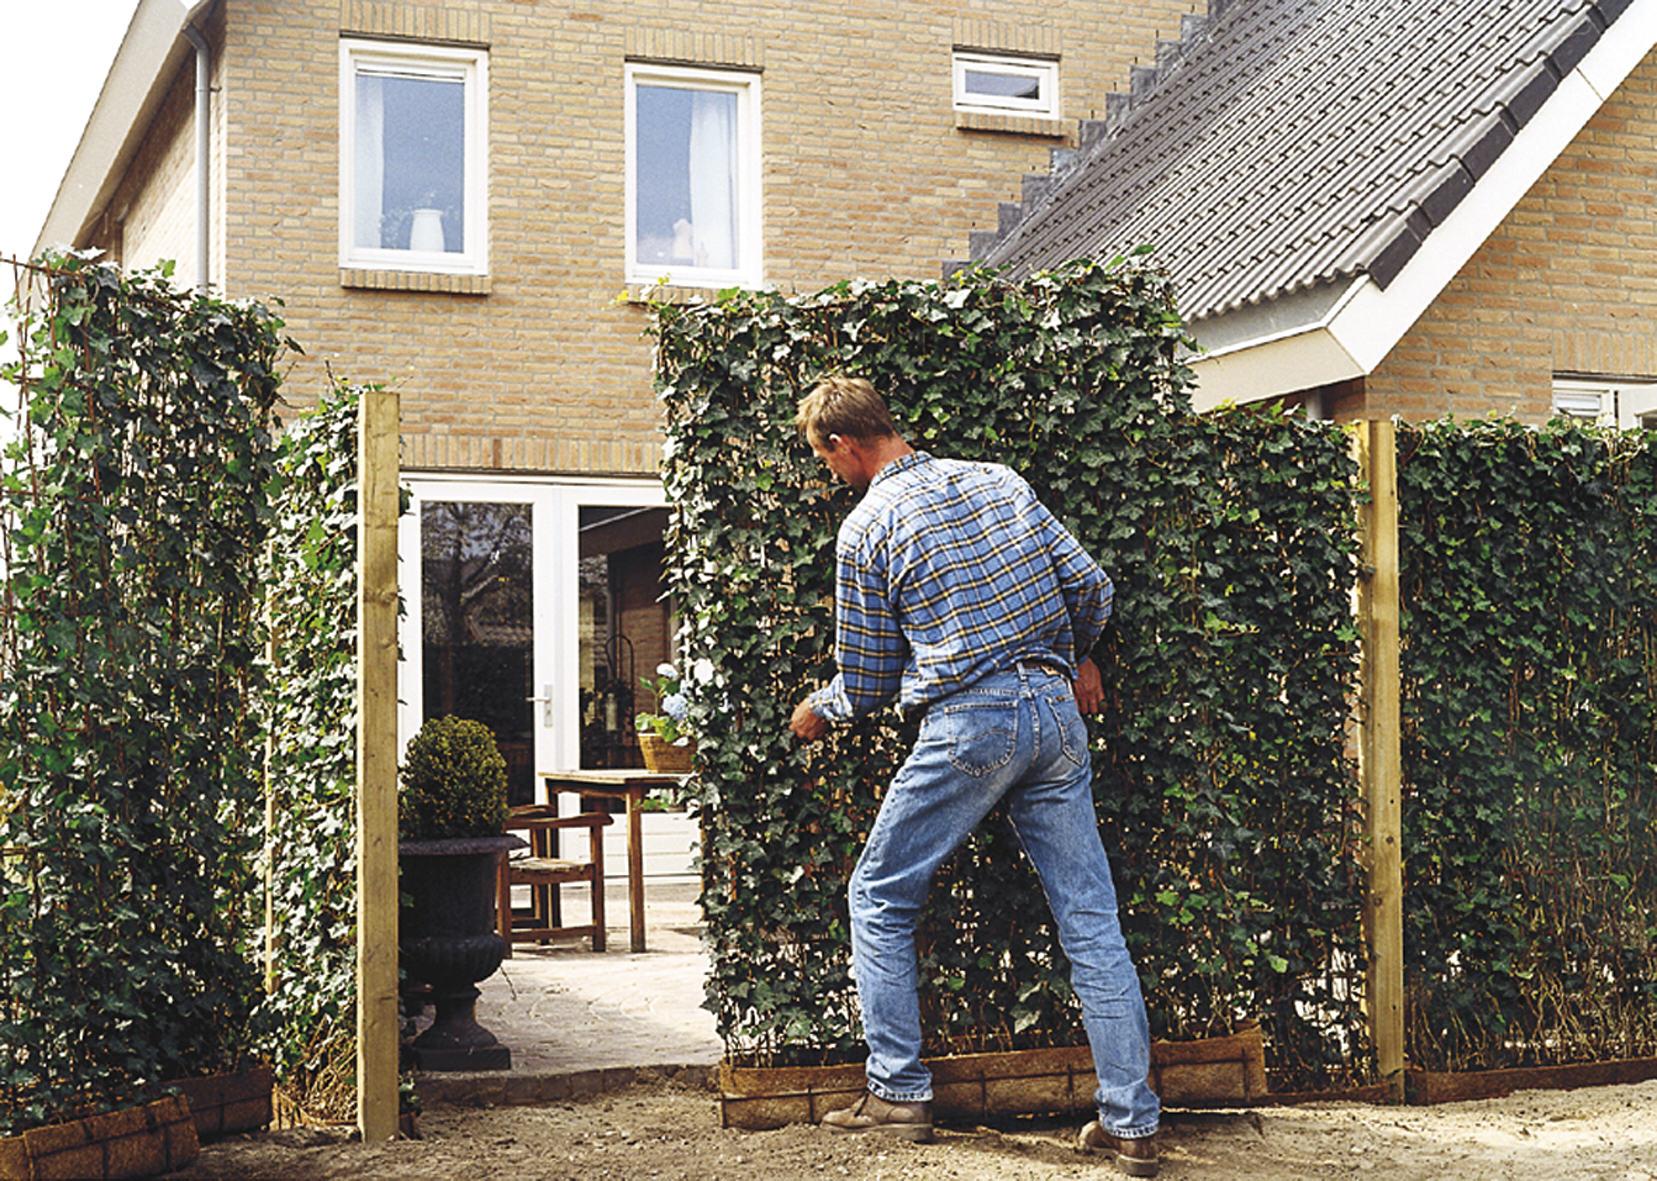 Erstaunlich Sichtschutz Zaun Holz Material Minimalistisch Beet Pflanzen  UX05